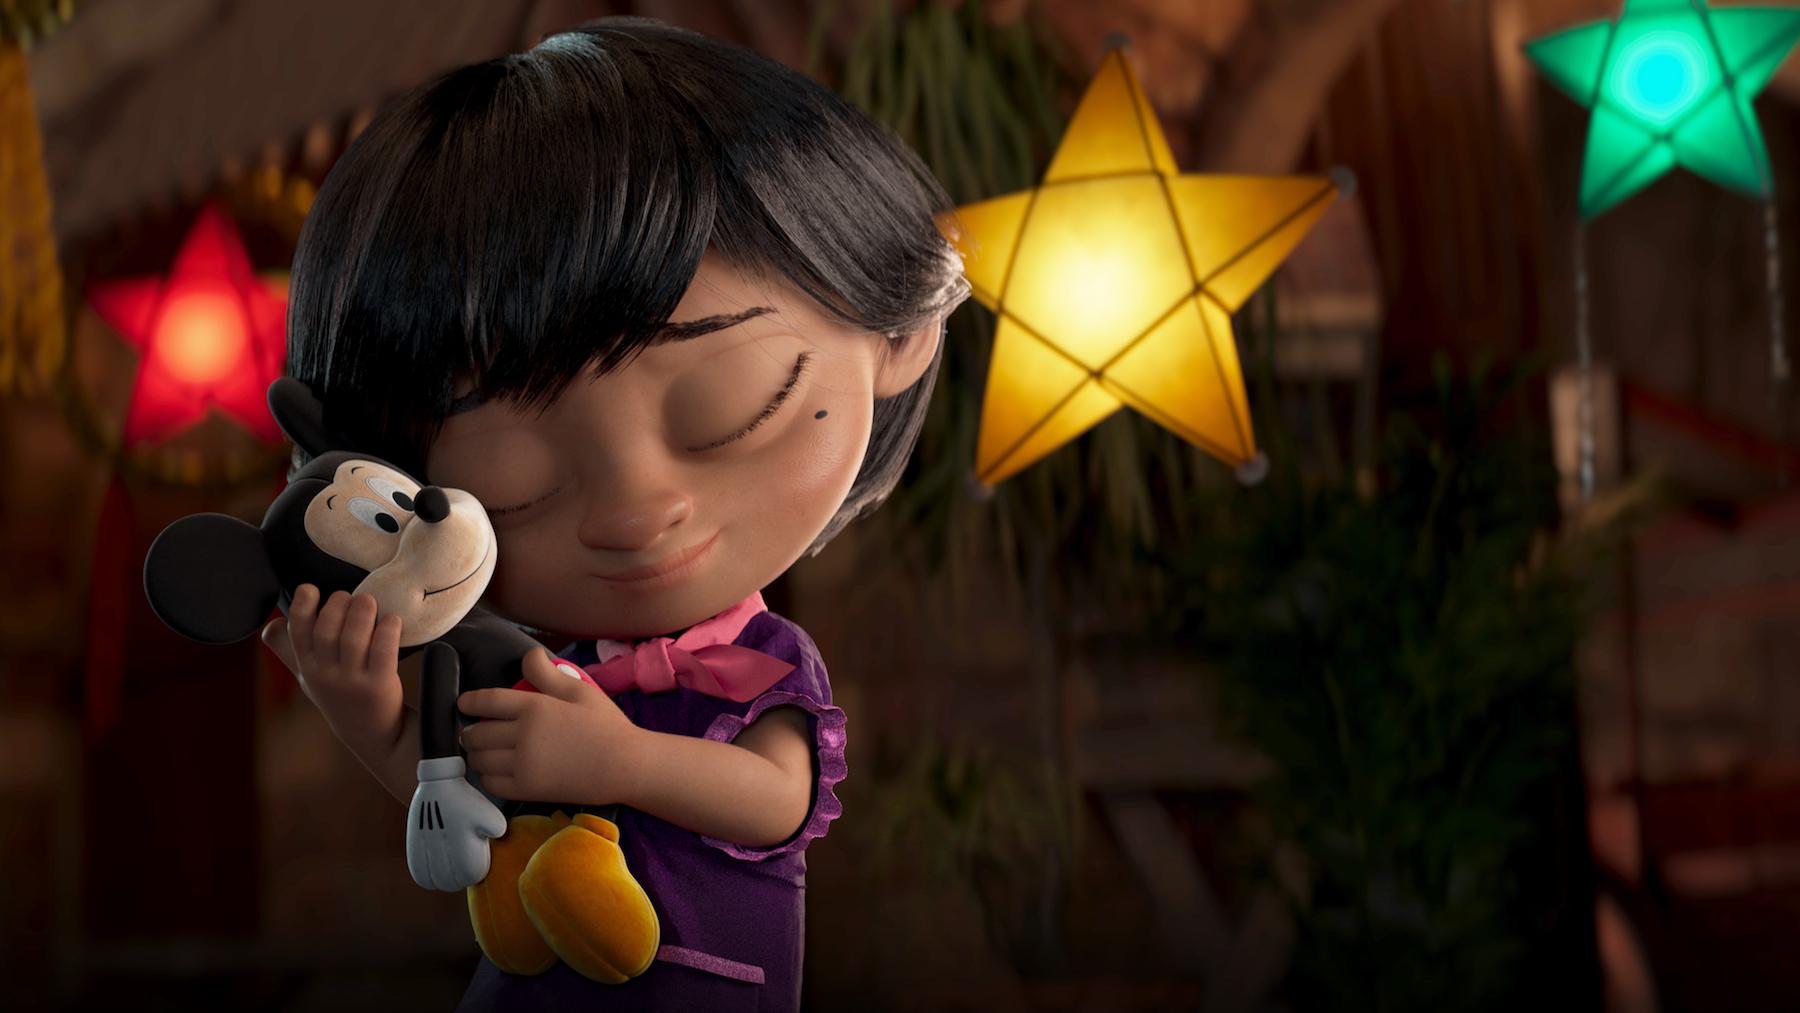 Ana Guerra pone voz al cortometraje navideño de Disney